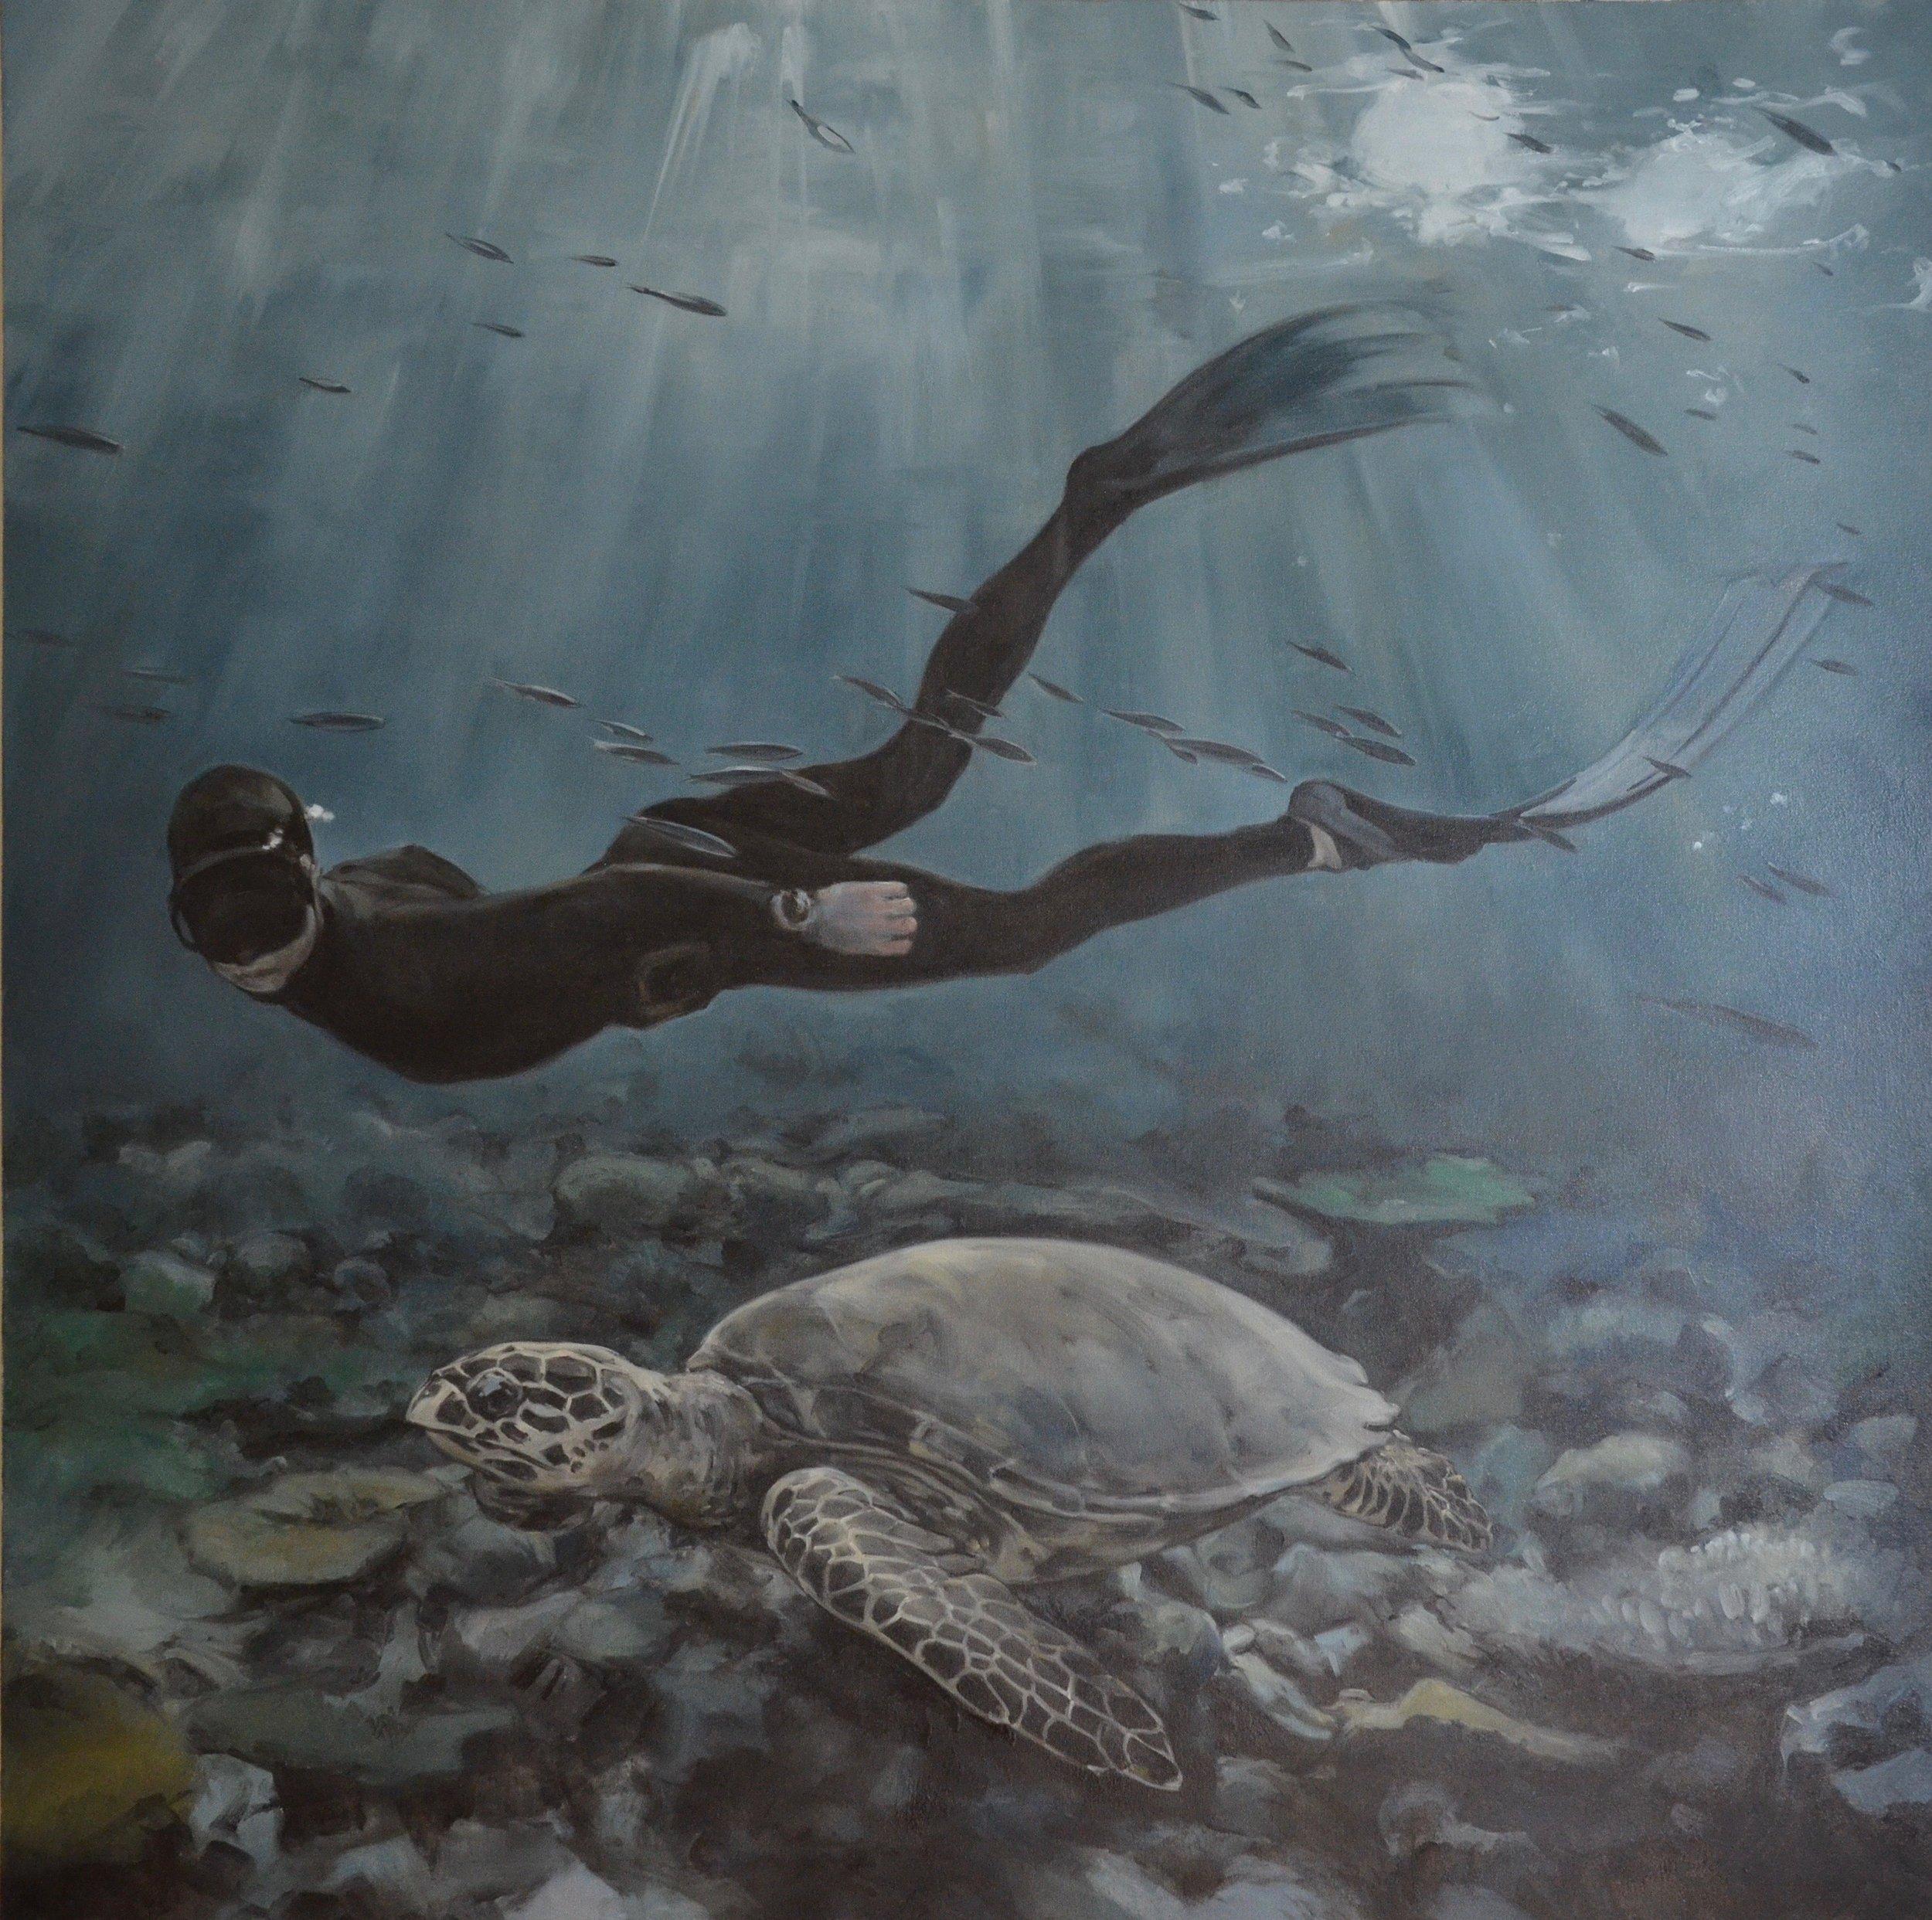 Sea Turtle & Free Diver